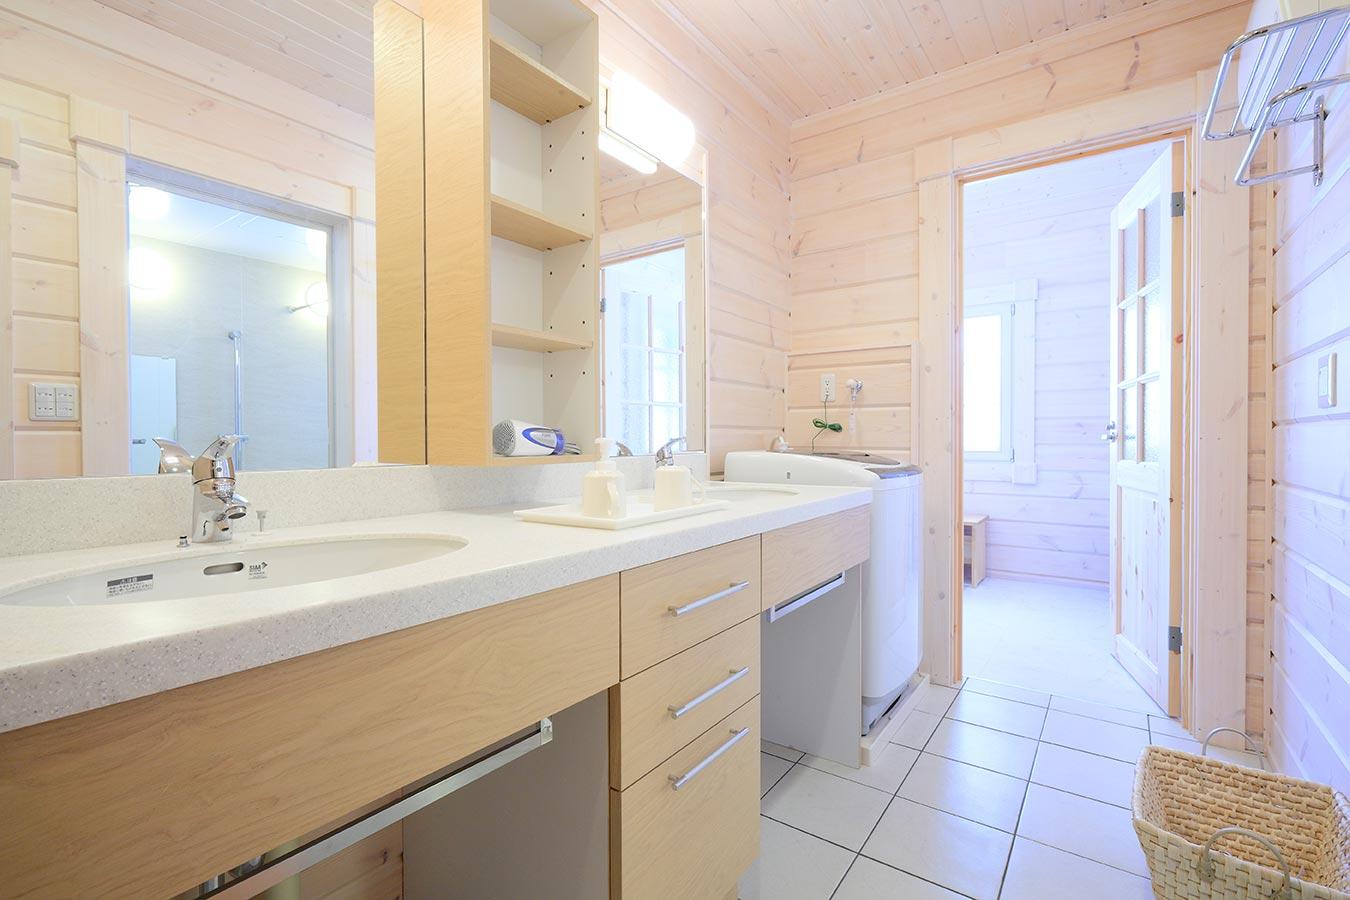 サウナの休憩場所としても利用できる洗面脱衣所。タイル張りの床は、お手入れも簡単です。